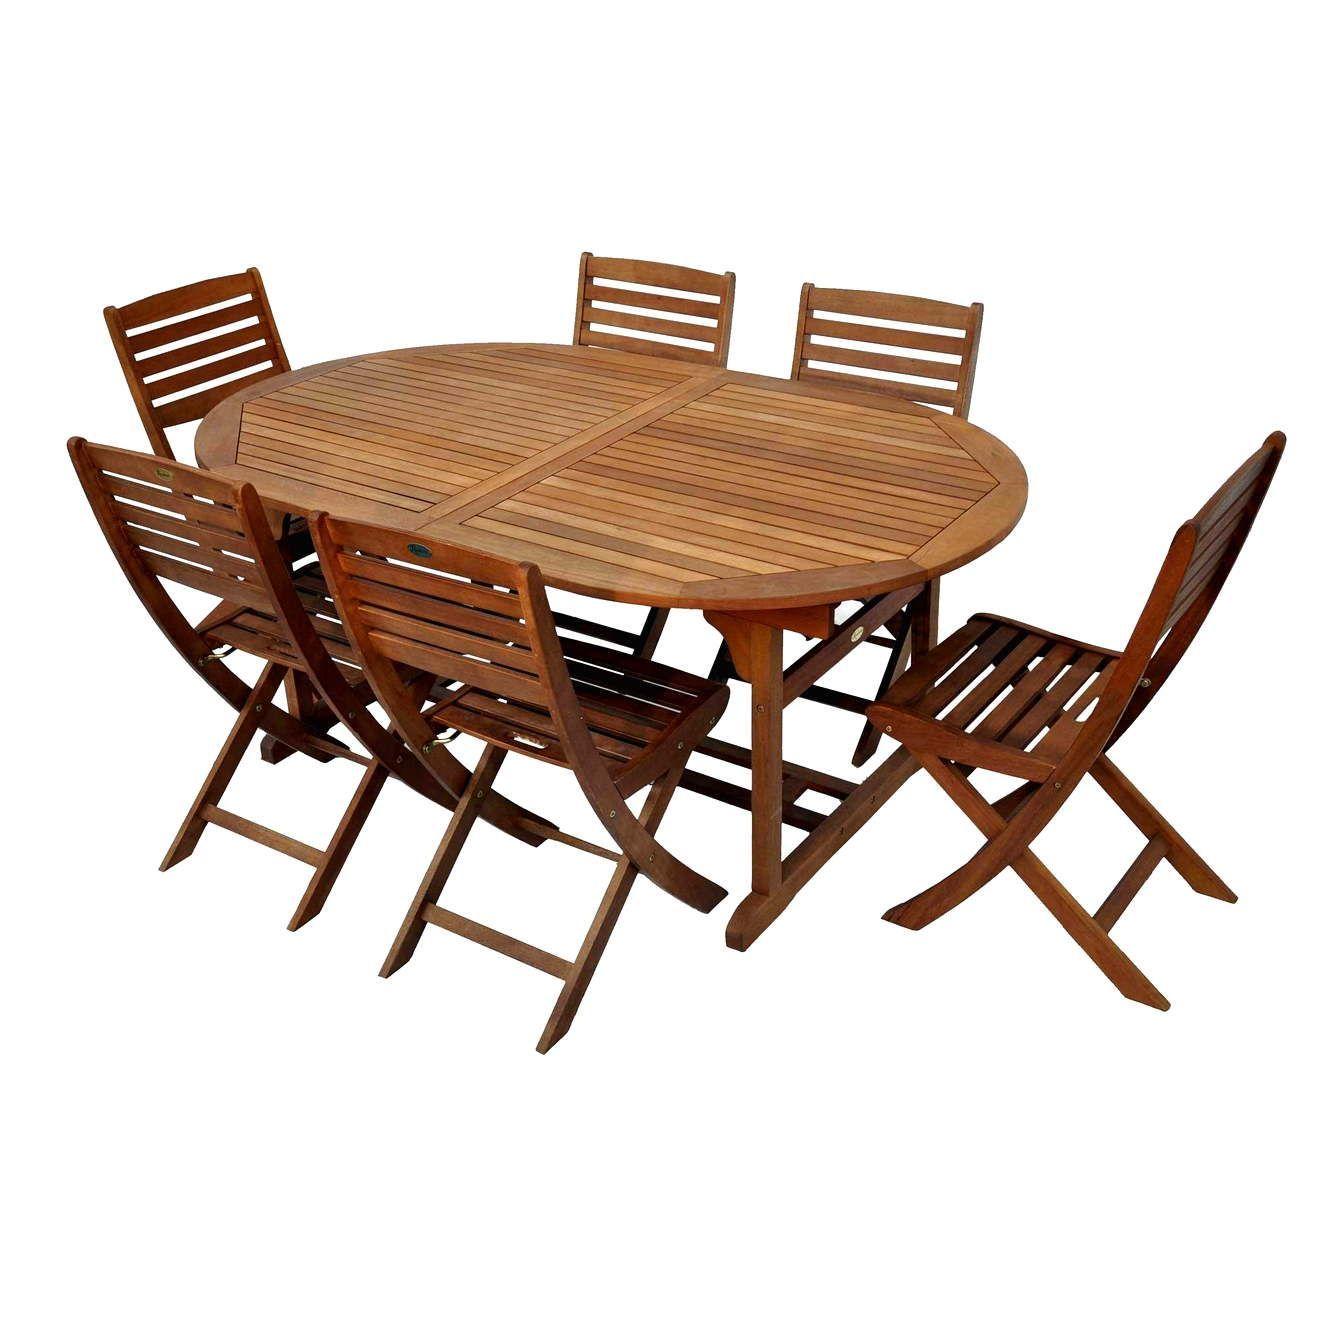 Carrefour Tavoli Da Esterno.Salon De Jardin Bois Pliable In 2020 Outdoor Furniture Outdoor